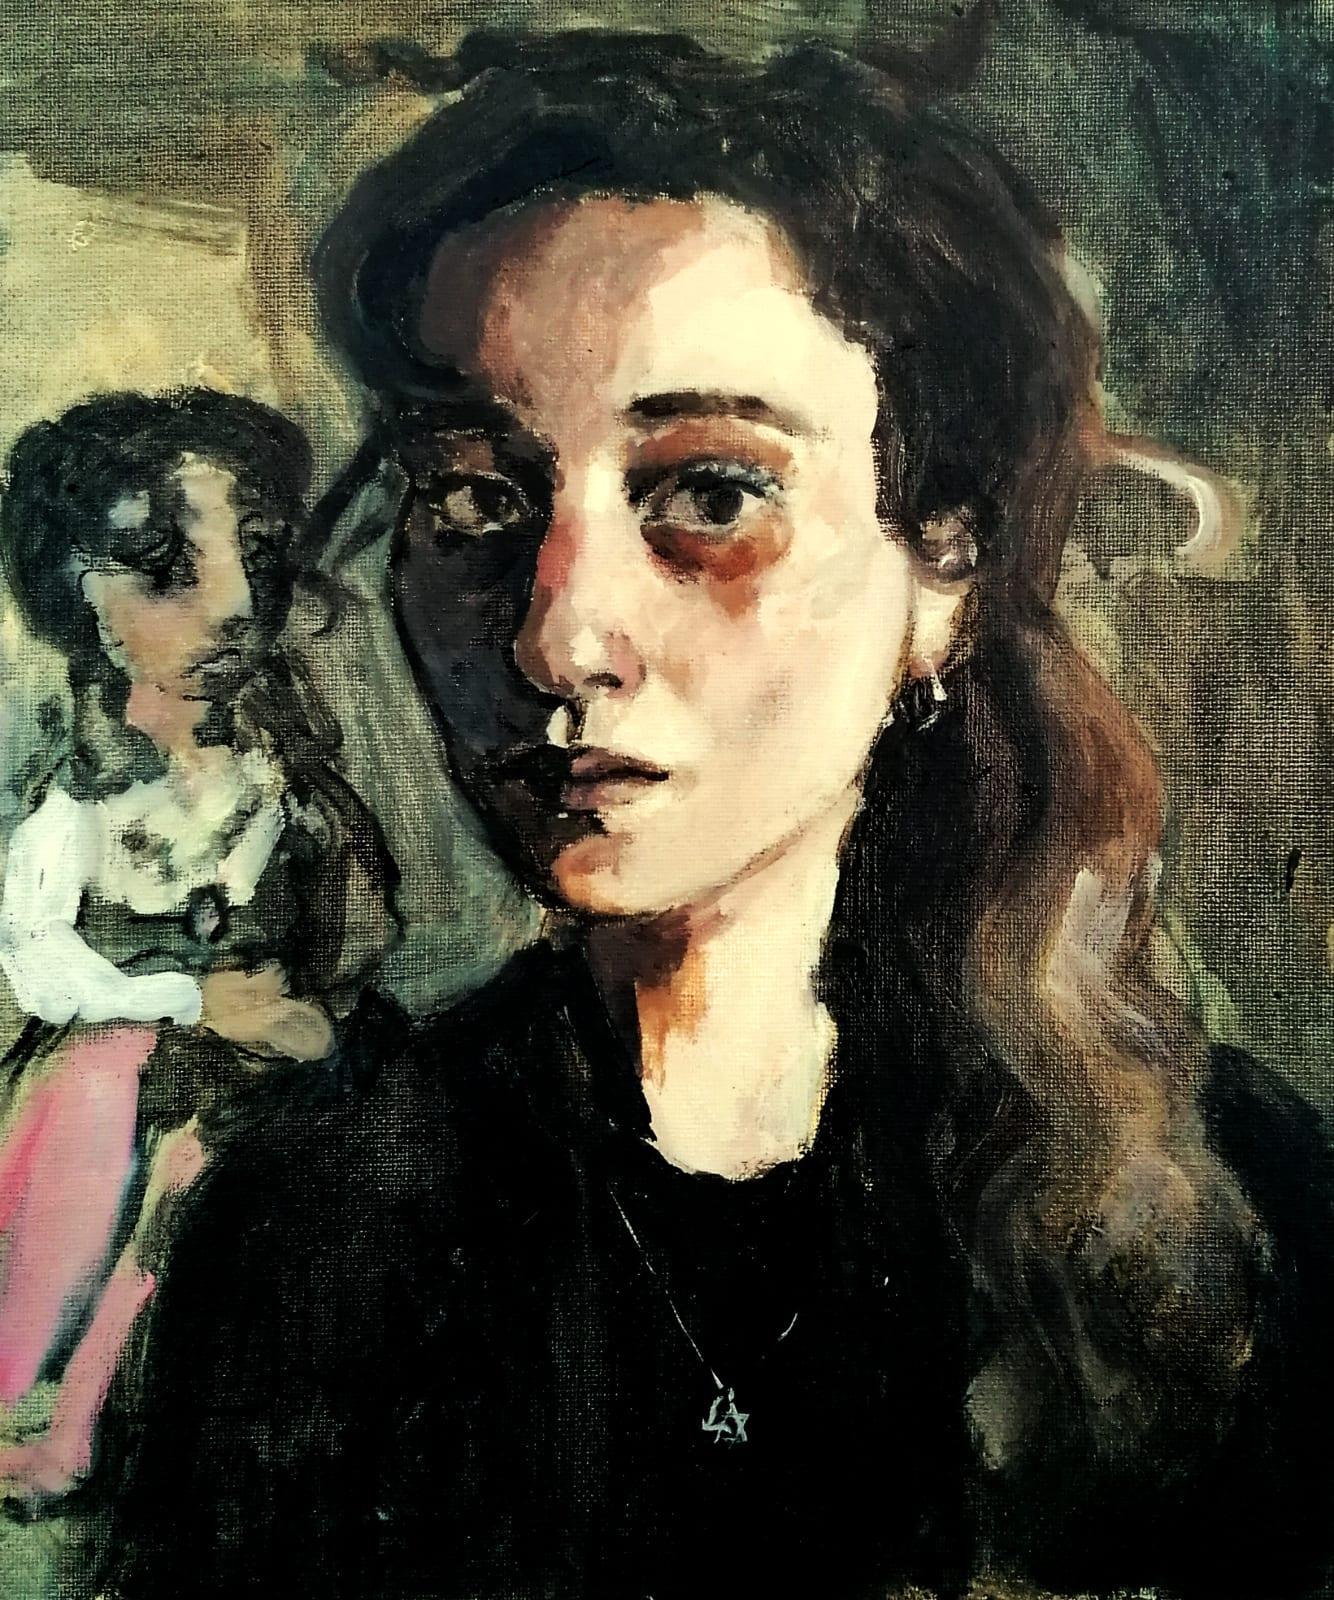 Liorah Tchiprout, Self Portrait with Princess